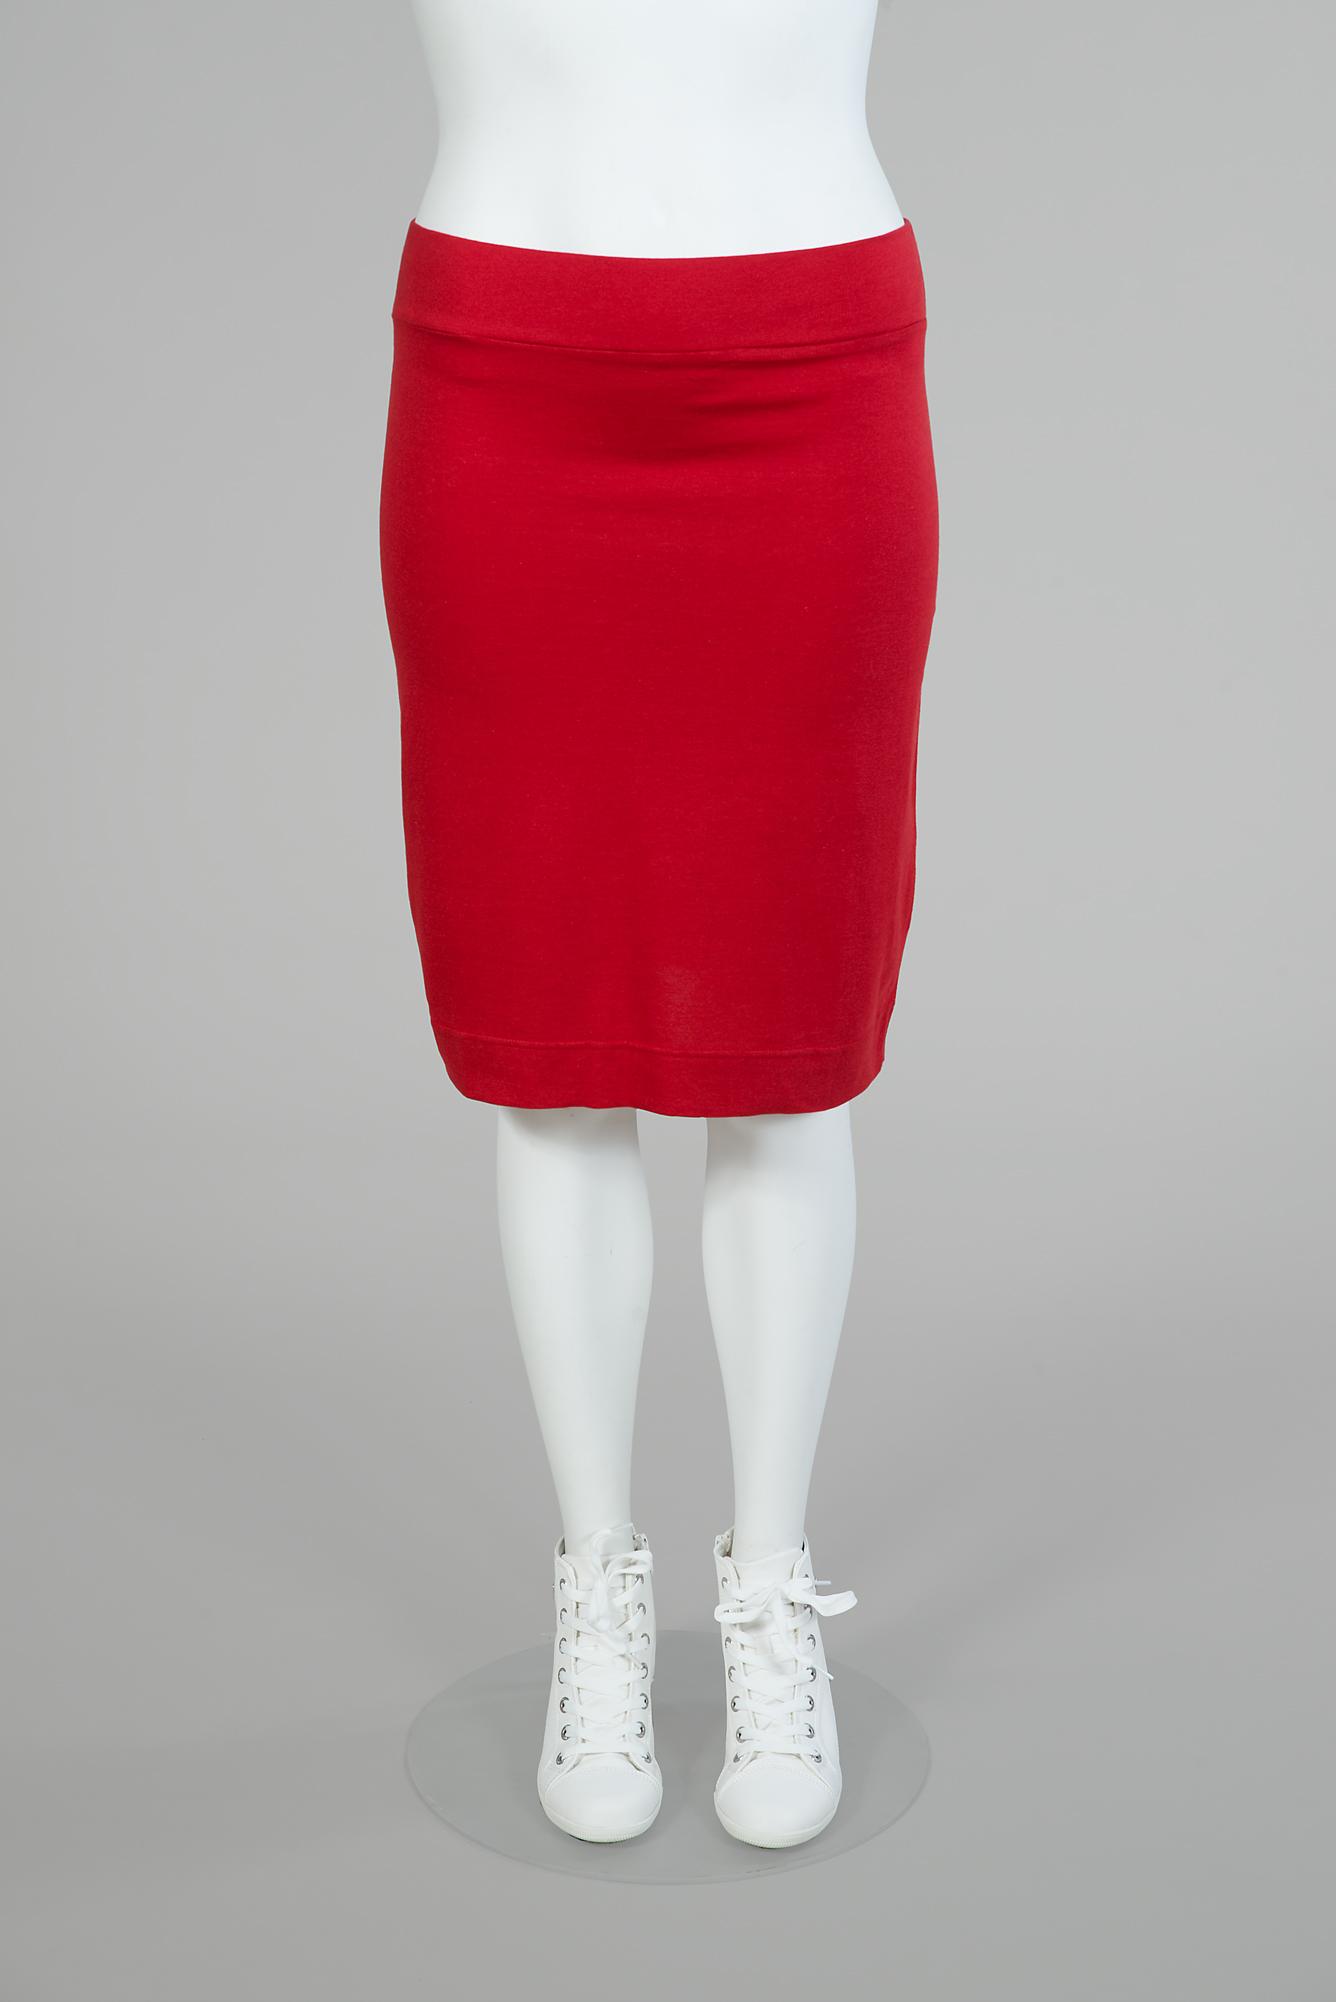 För dig som trivs bäst i kjol finns Paris som både kort och lång i färgerna röd, blå, beige, svart/vit och grön/vit. (Svart finns även som lång kjol.) Pris kort 349:-, lång 399:-